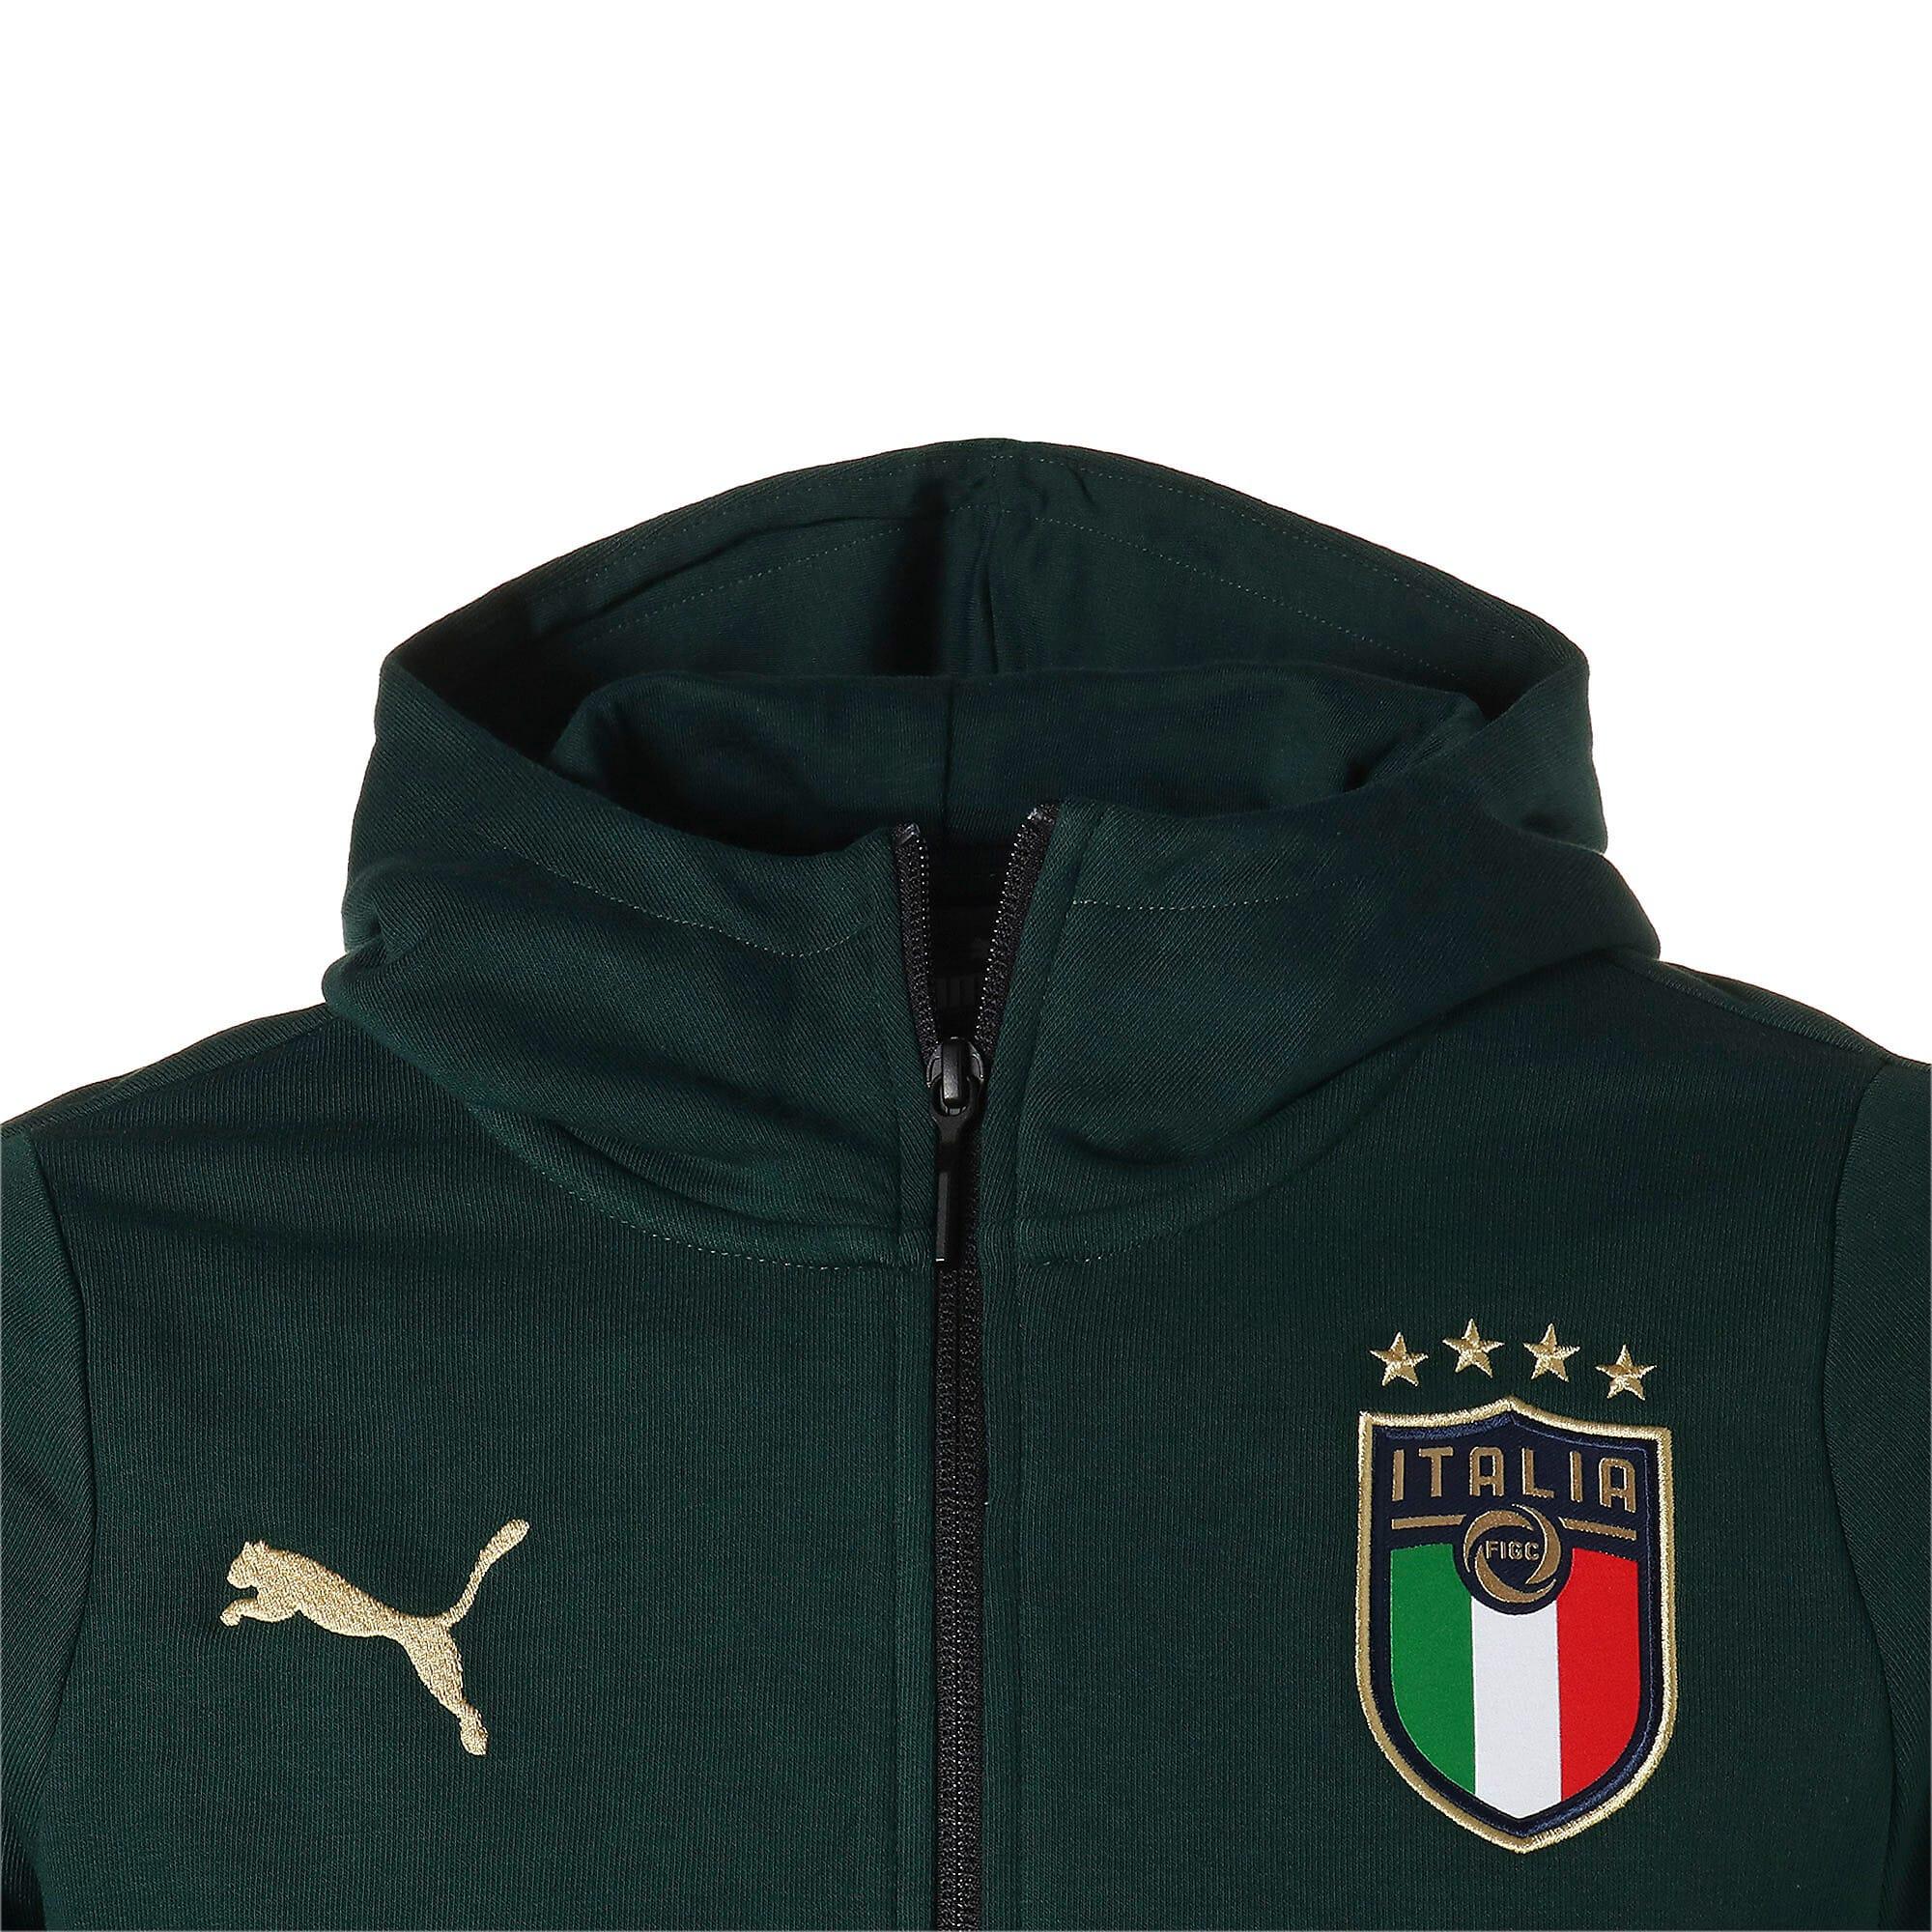 Thumbnail 7 of FIGC イタリア カジュアル フーディー, Ponderosa Pine-Peacoat, medium-JPN